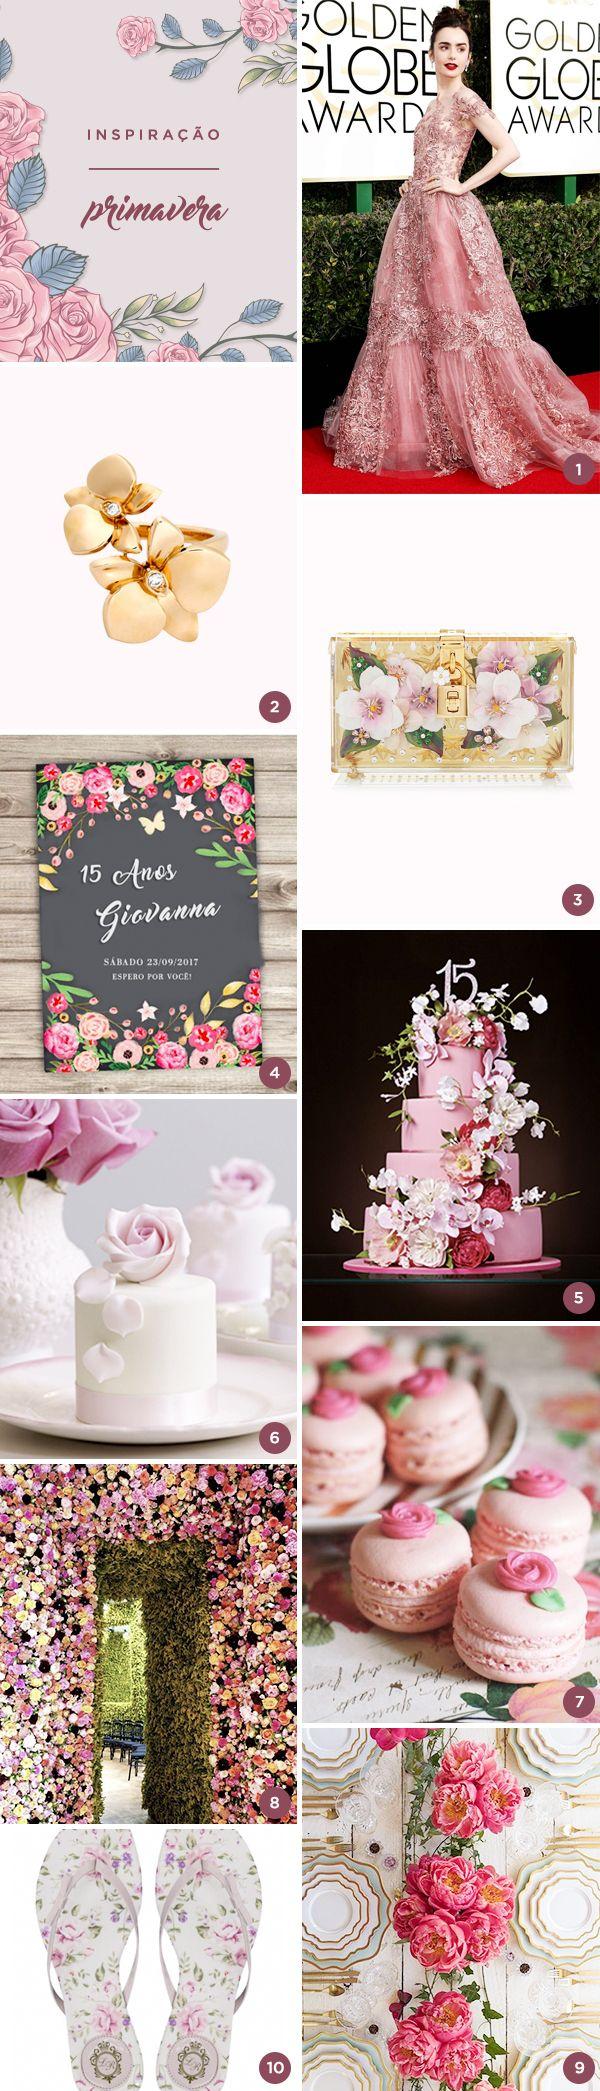 Selecionamos 10 lindas ideias para uma festa de 15 anos com tema Primavera! Ou seja, muitas flores e delicadeza! Vem ver!